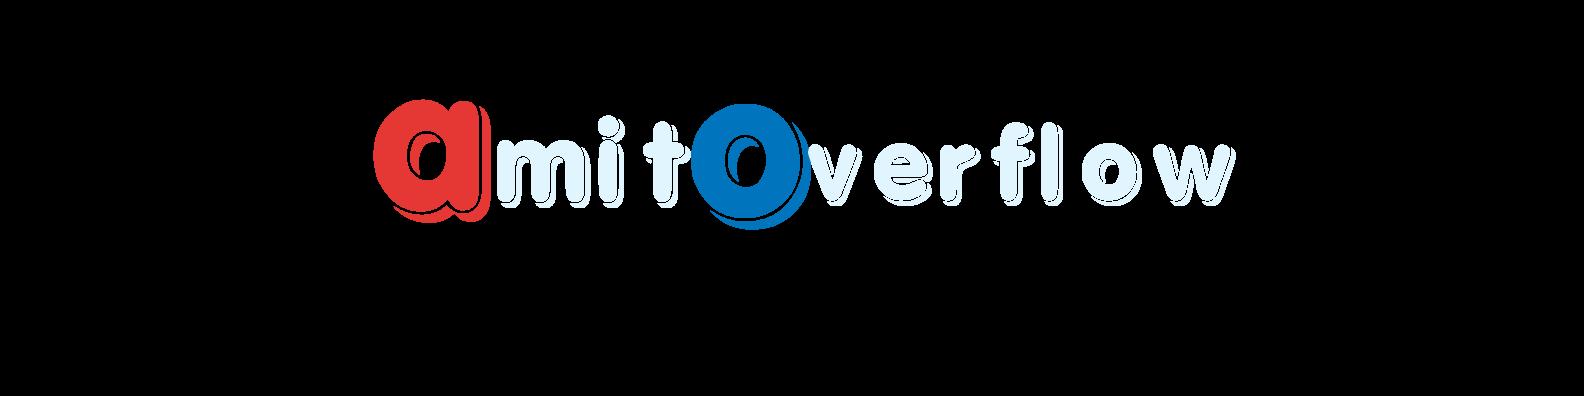 AmitOverflow tech blog (www.amitoverflow.com)